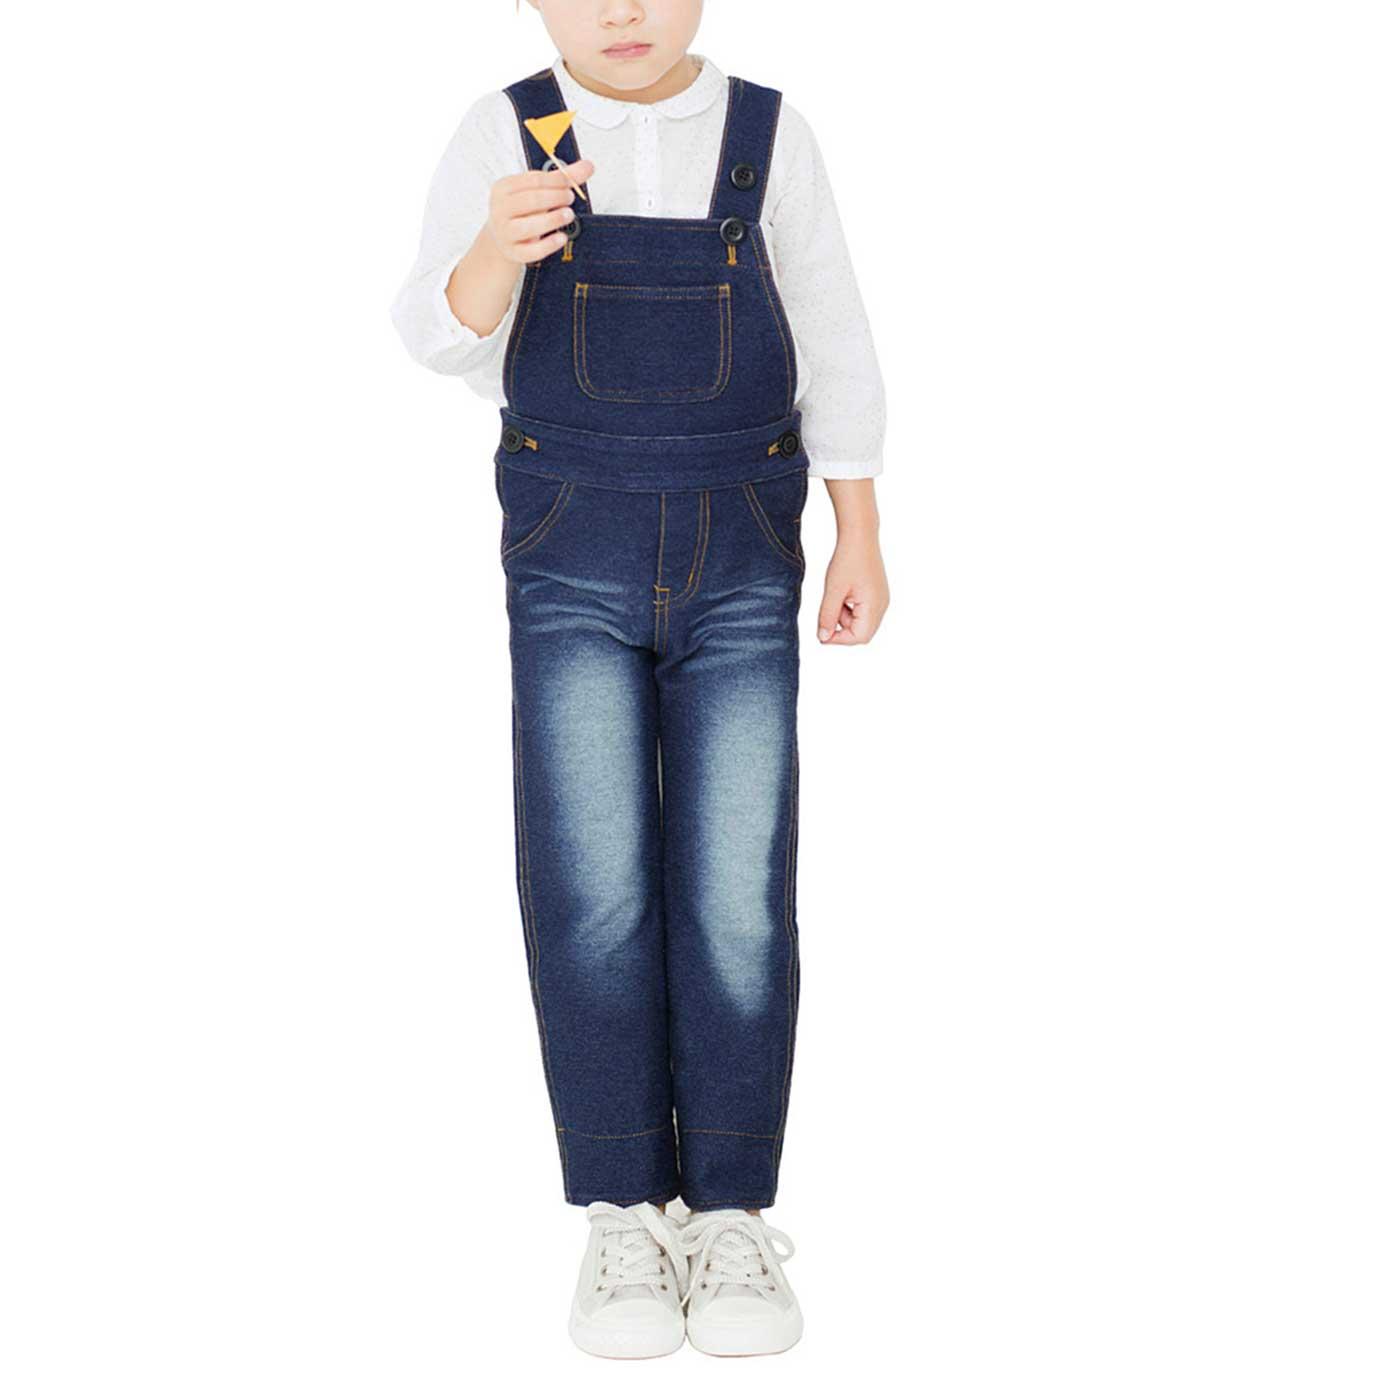 ※着用イメージです。長く着てほしいからボトムのすそを伸ばしてもはけるように、肩ひもにボタンをふたつ付けました。 107cm/10サイズ